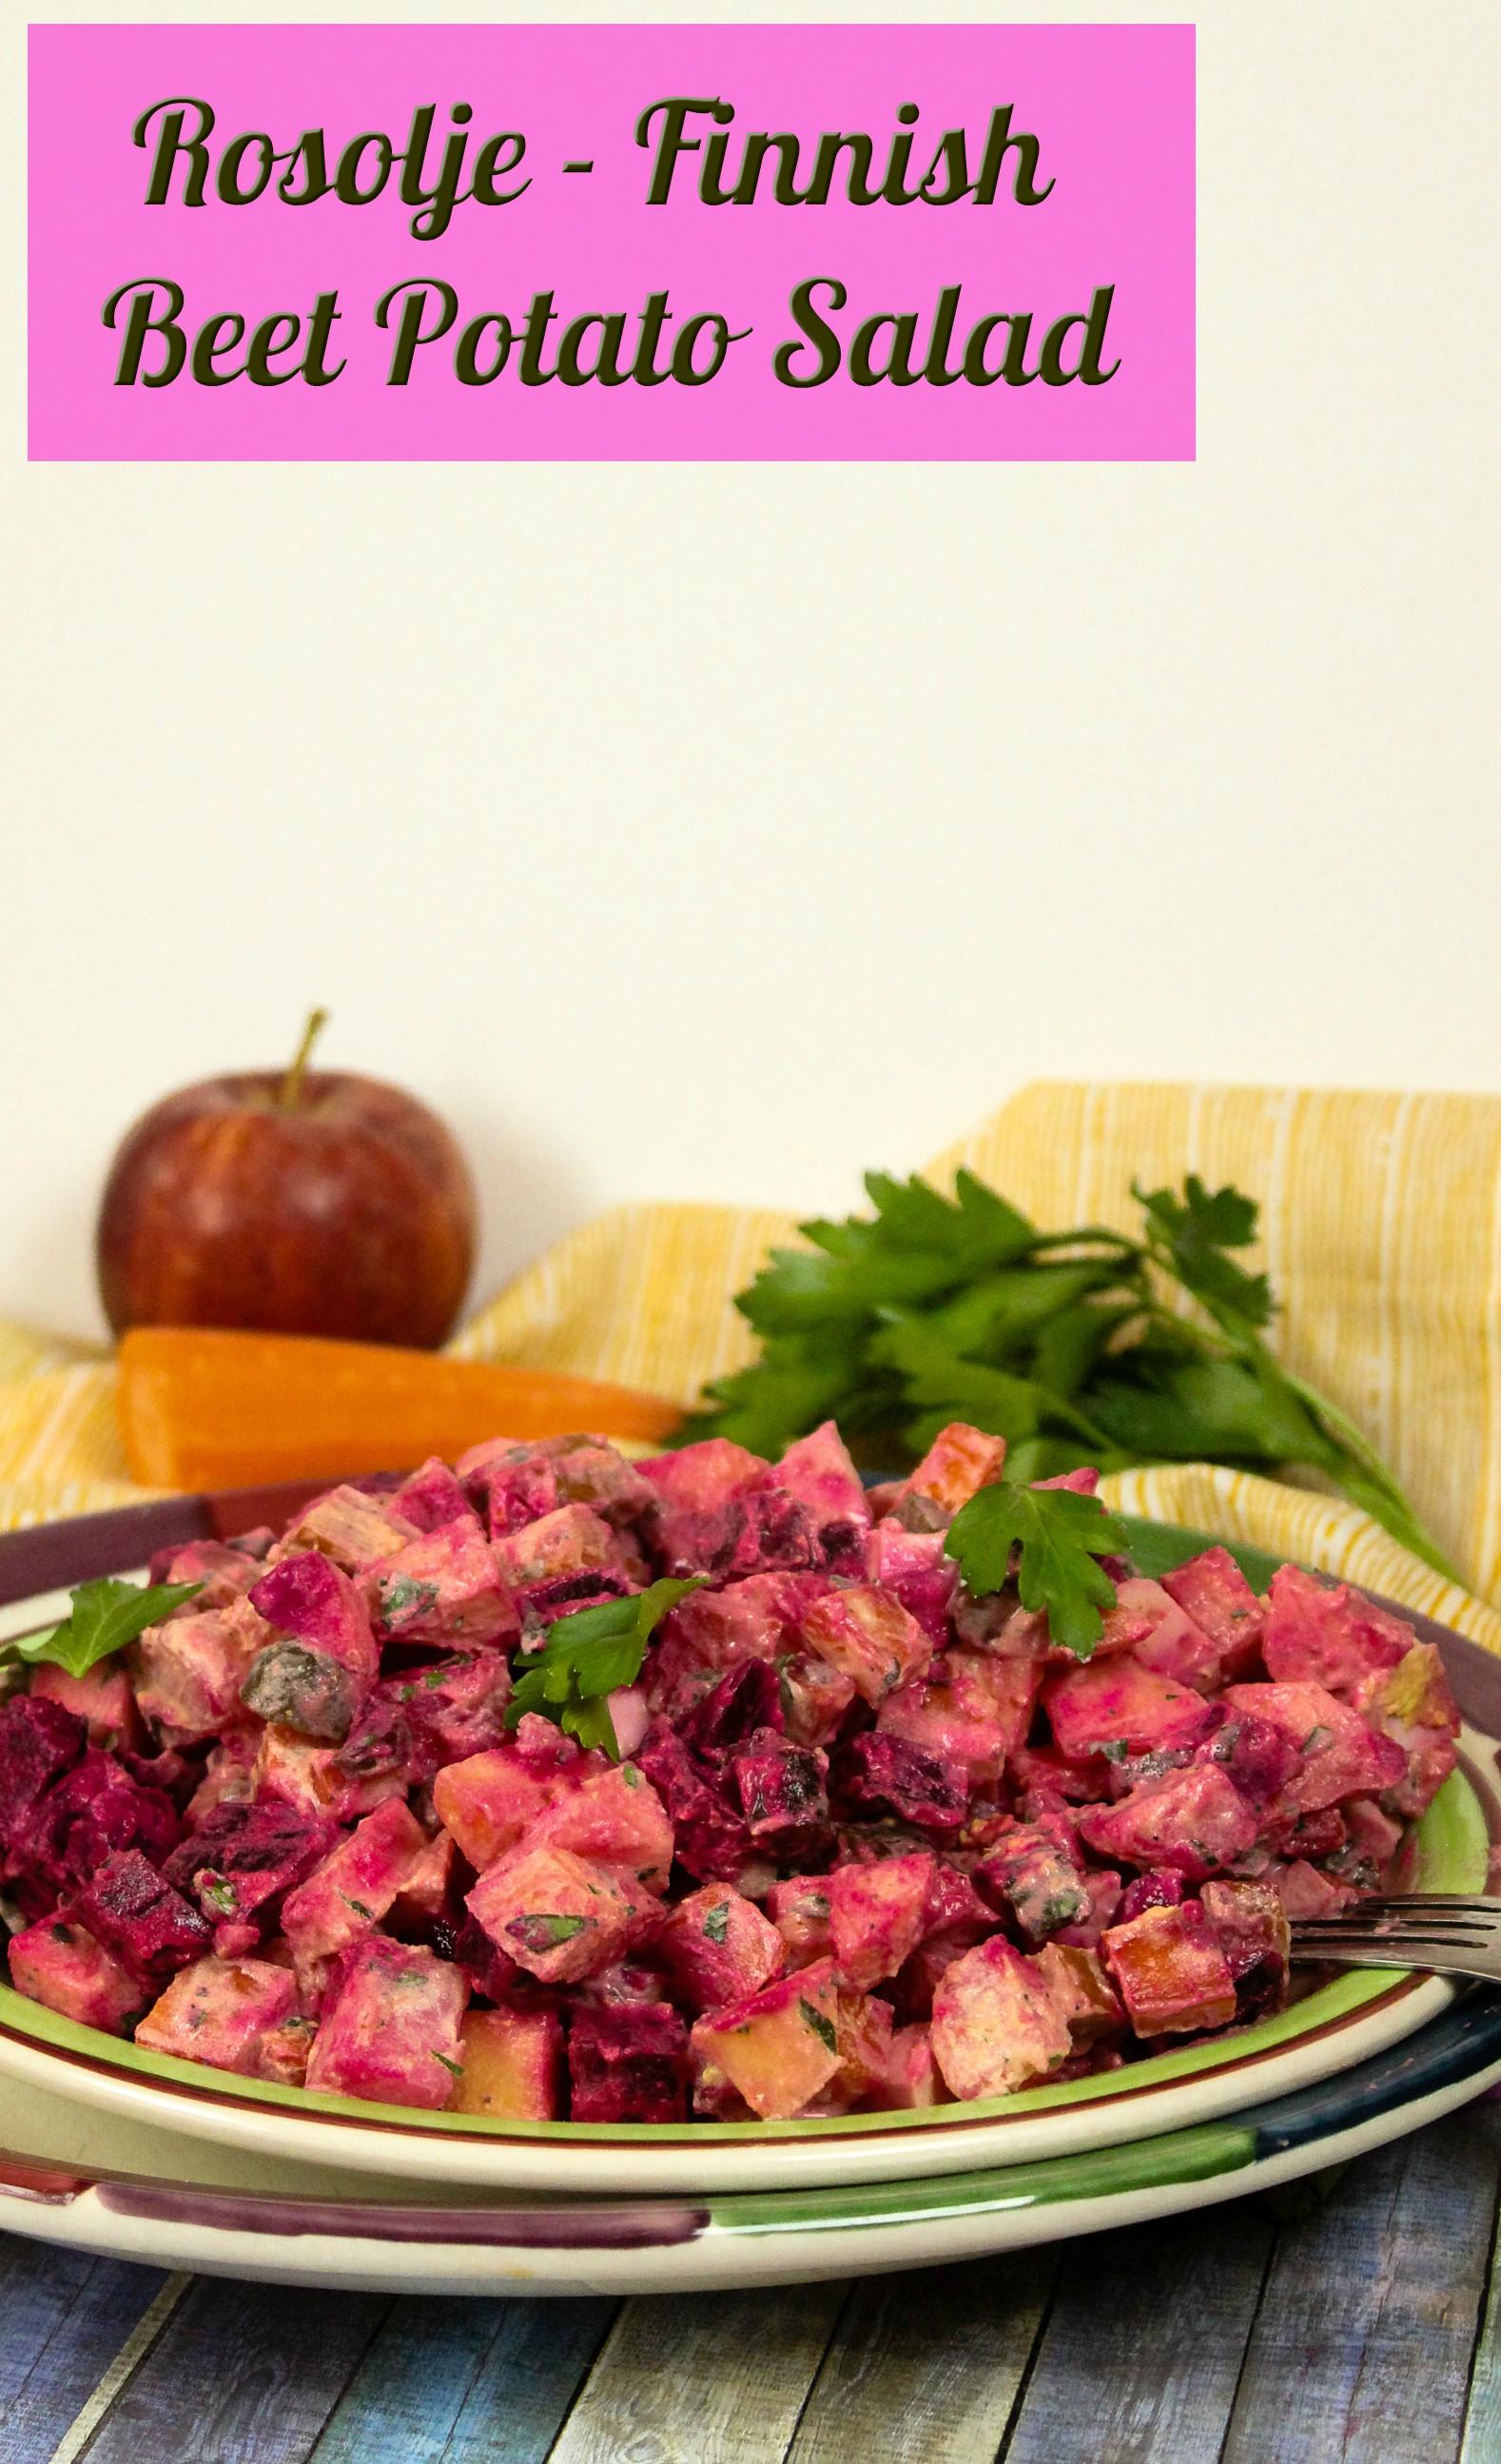 Rosolje - Finnish Beet Potato Salad